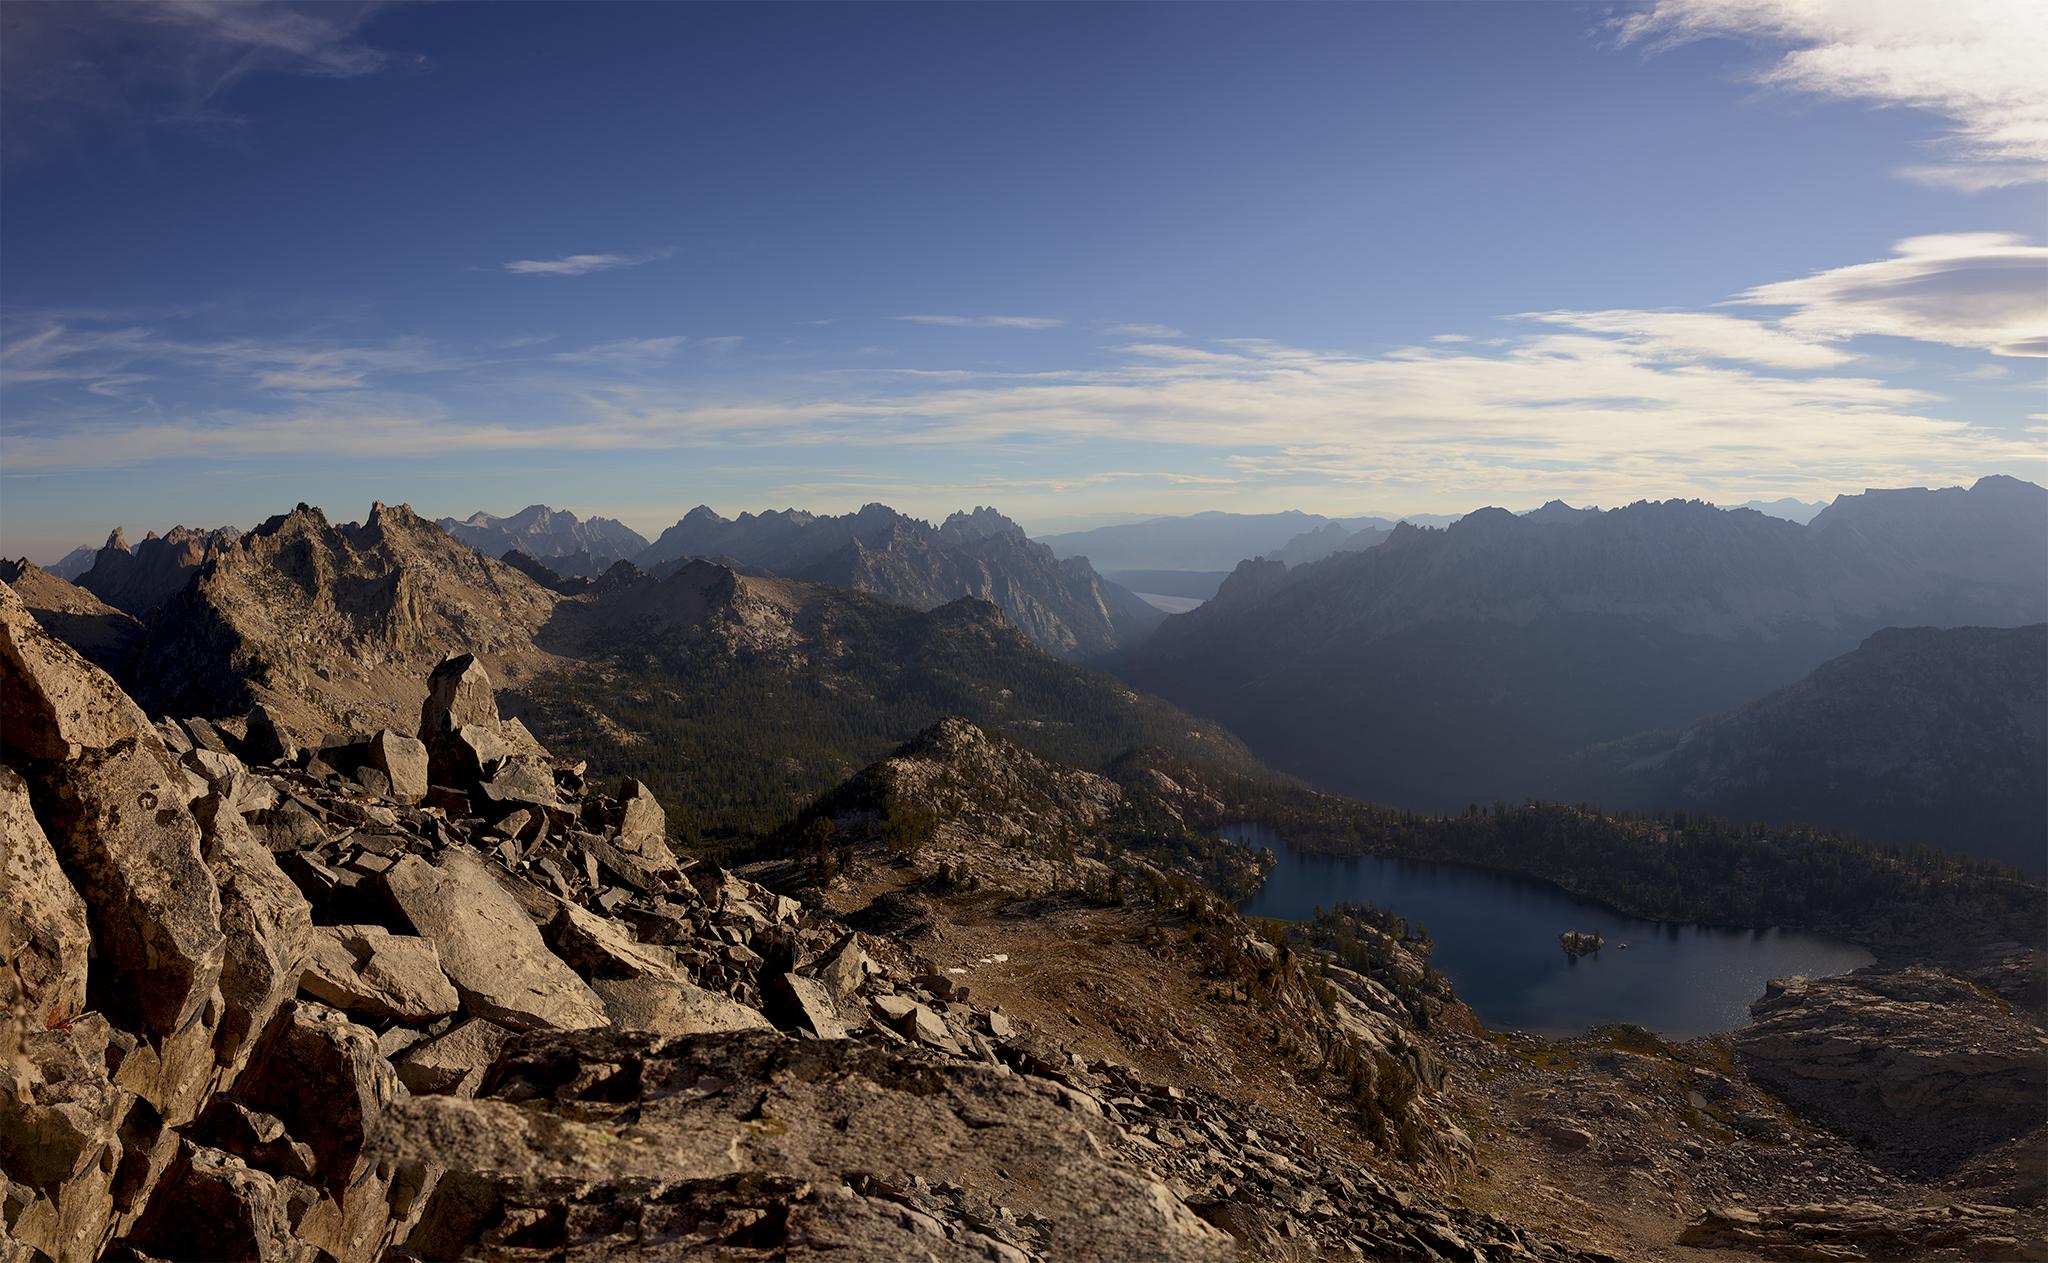 lake-kathryn-and-redfish-lake-from-reward-peak-summit